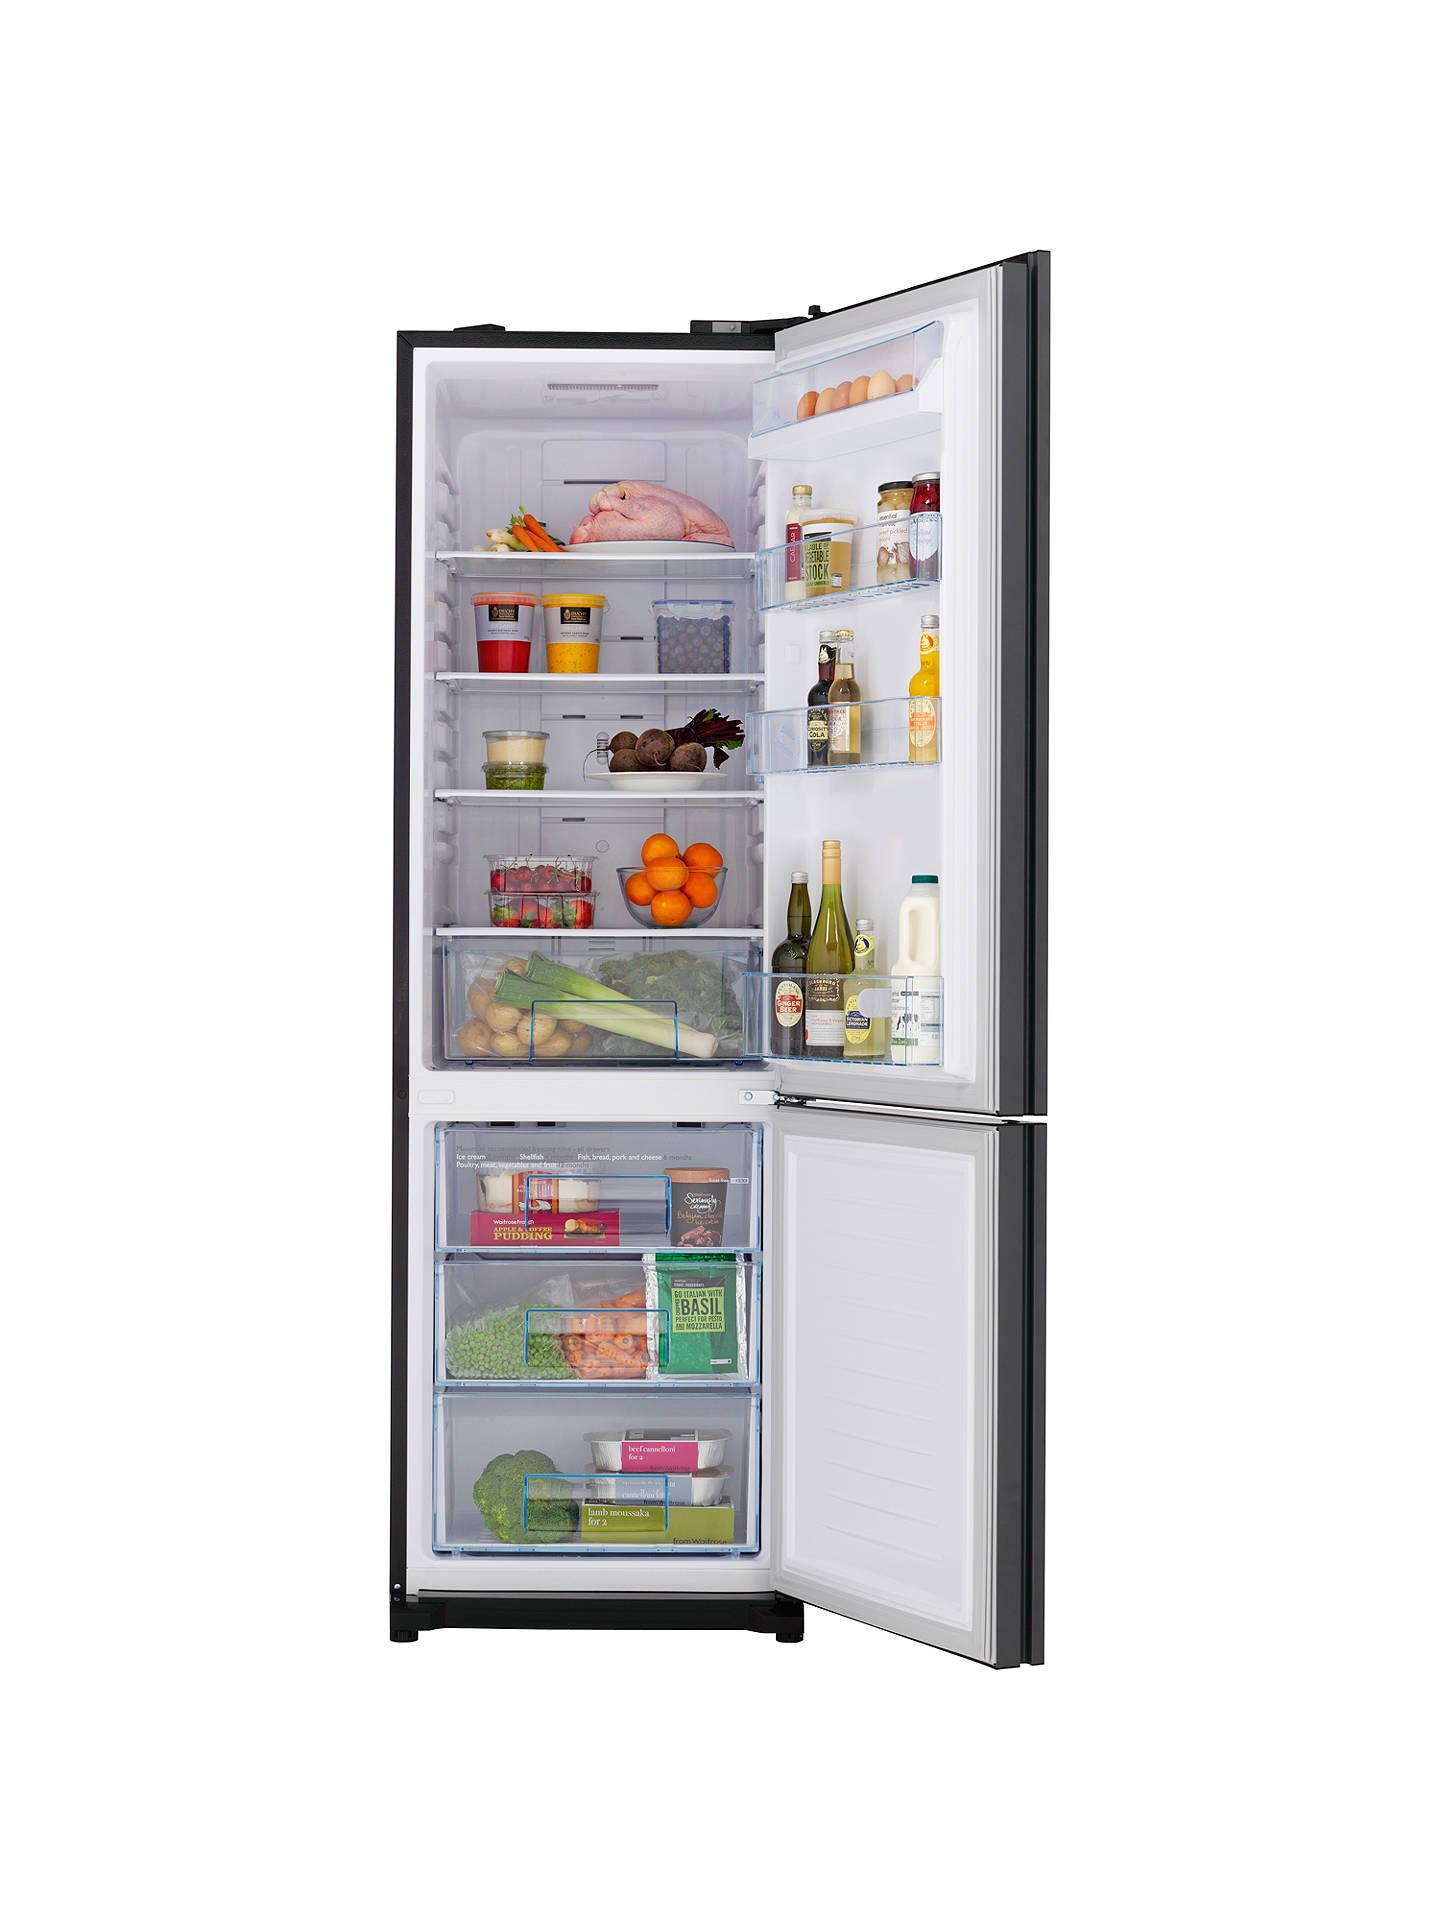 john lewis partners jlfsbk2001 fridge freezer black. Black Bedroom Furniture Sets. Home Design Ideas